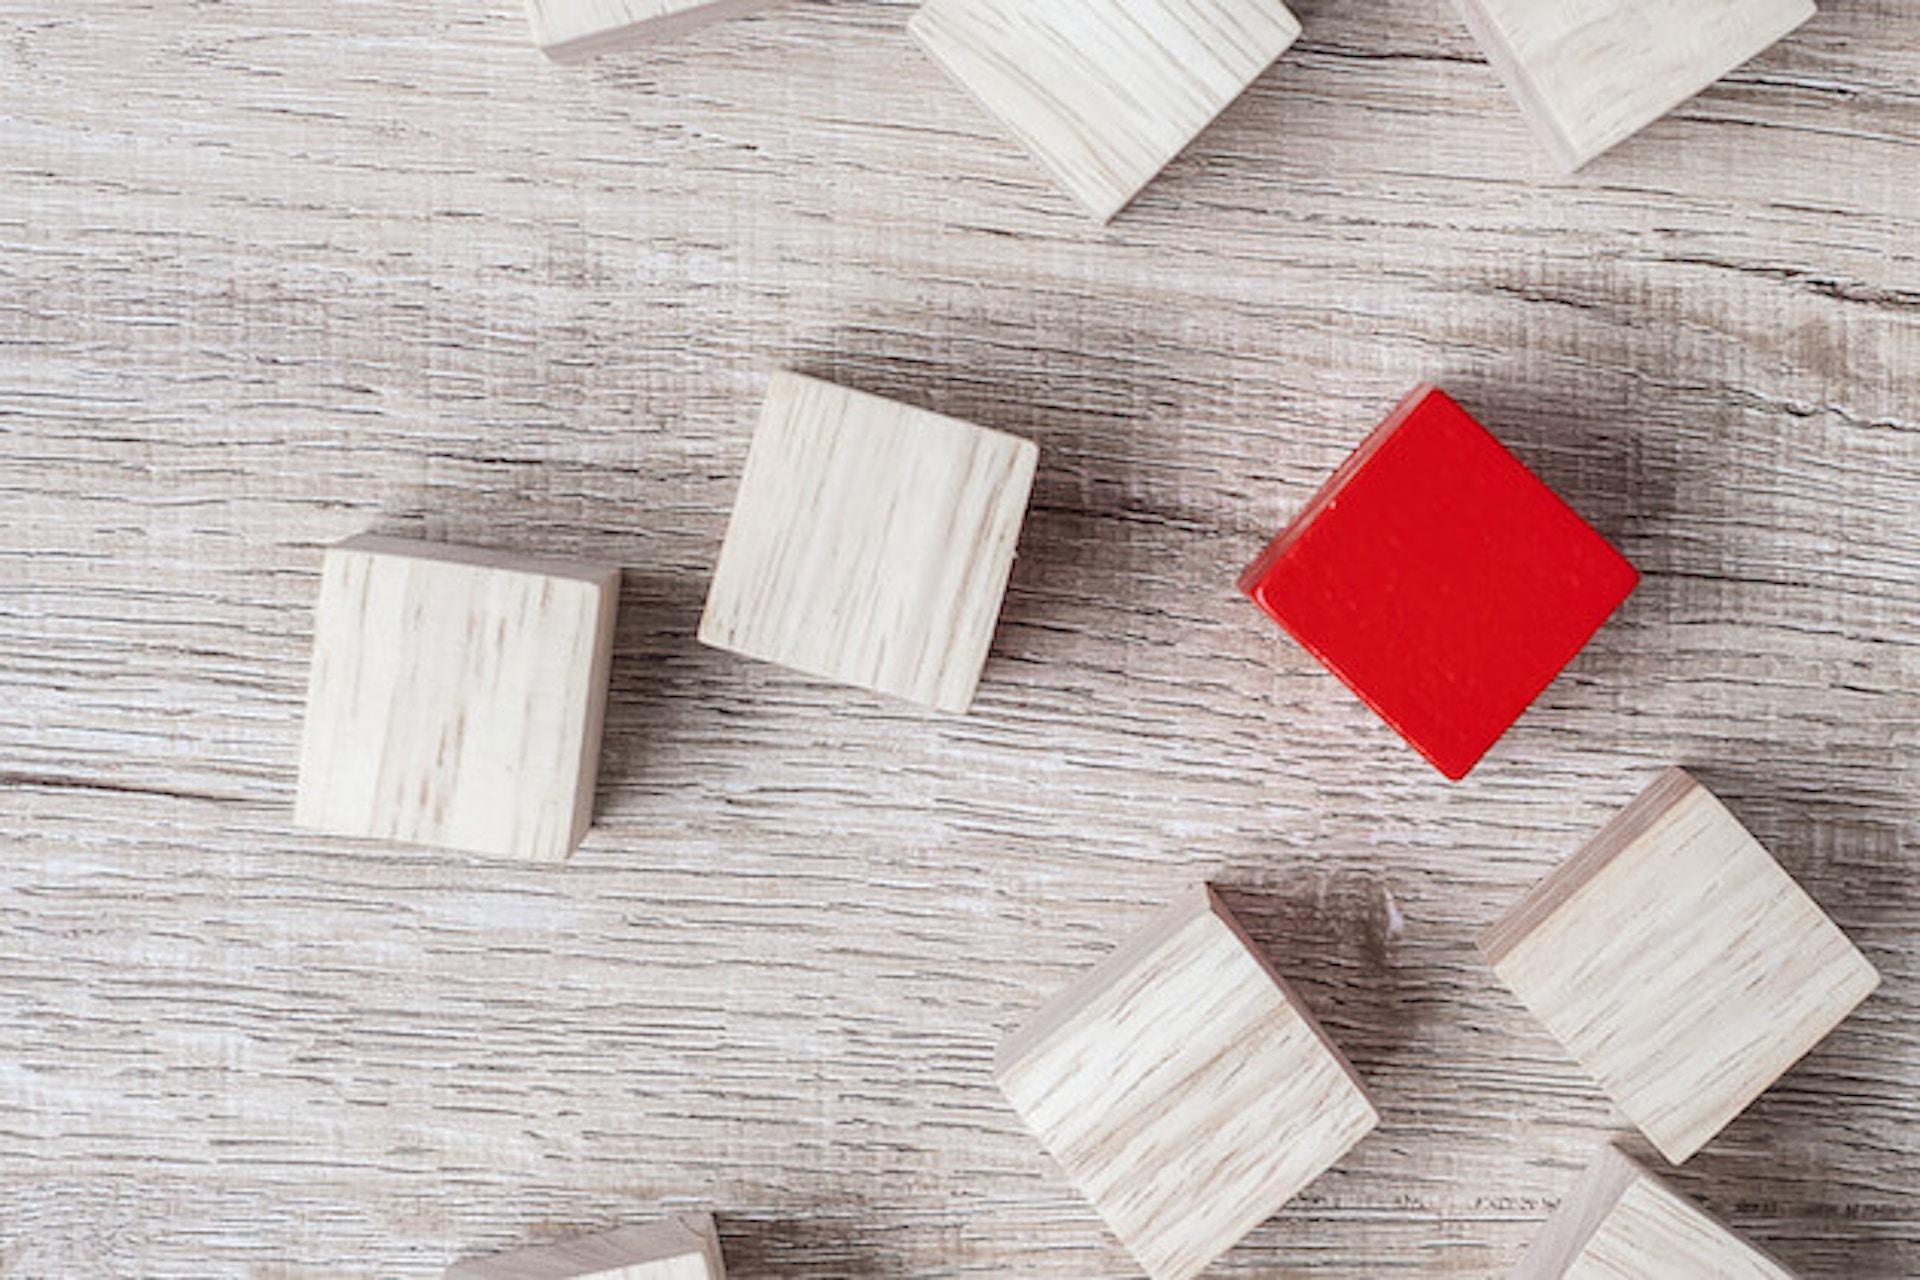 Man sieht einen weiß gestrichenen Holztisch, auf dem viele weiße Holzwürfel zu sehen sind. In der Mitte sticht ein roter Würfel hervor. Dieses Bild ist das Titelbild unseres Beitrags zur Erarbeitung eines USPs / Alleinstellungsmerkmals.